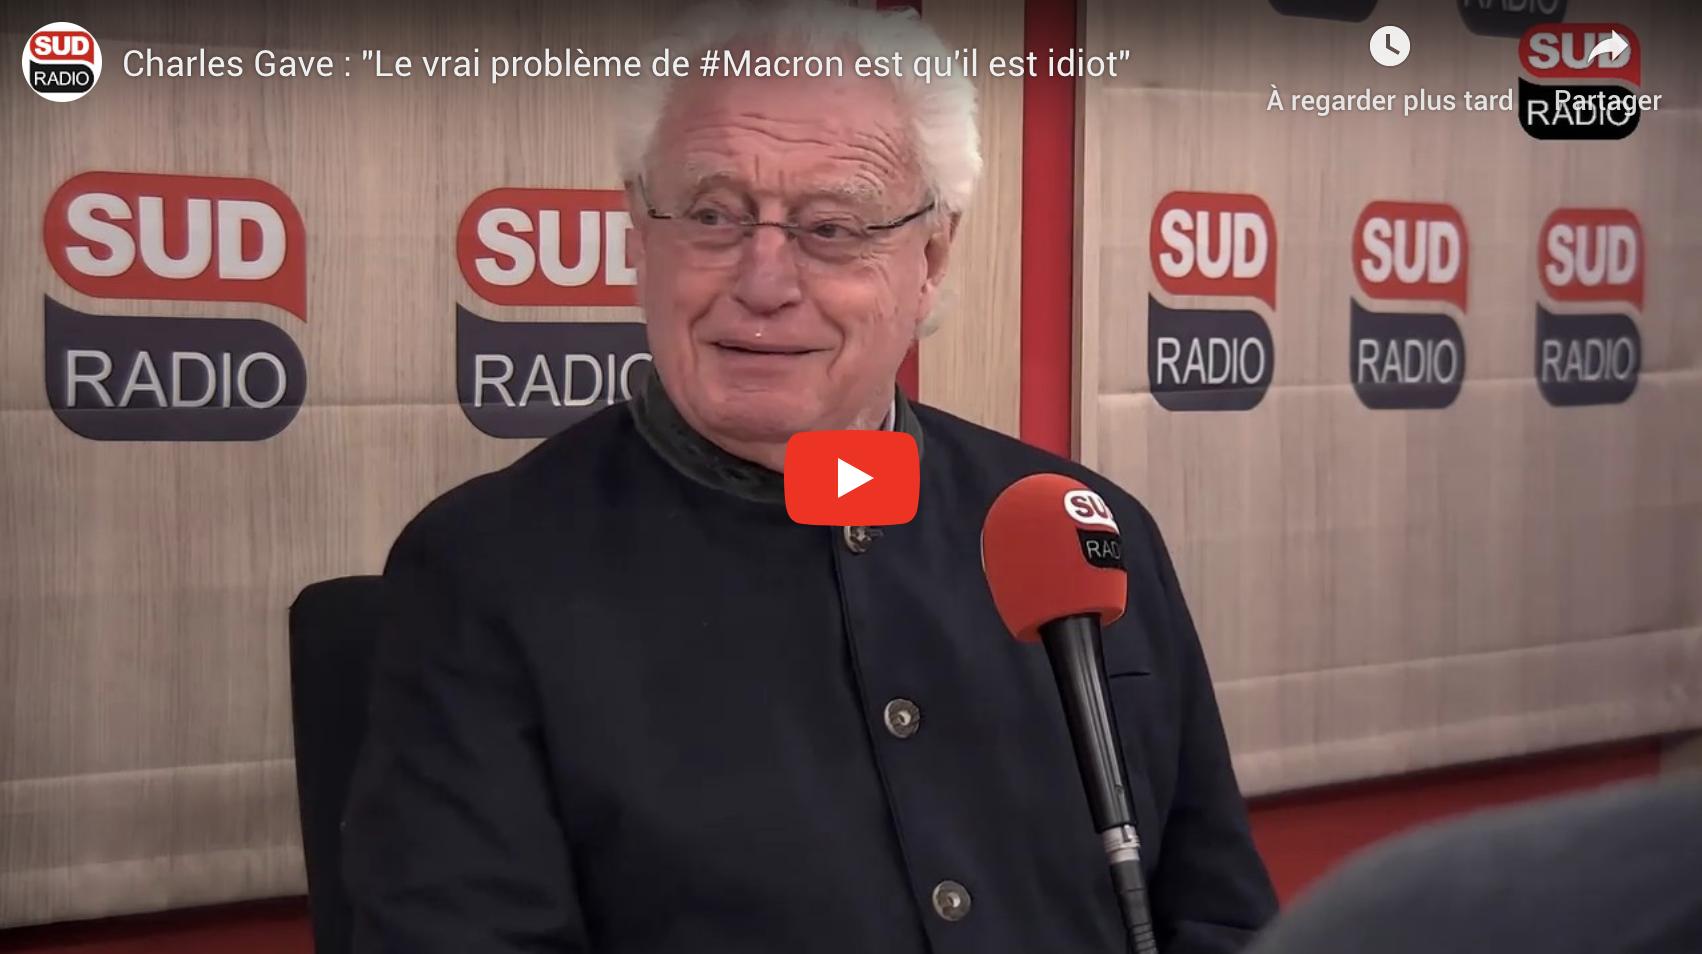 """Charles Gave : """"Le vrai problème de Macron est qu'il est idiot"""" (VIDÉO)"""